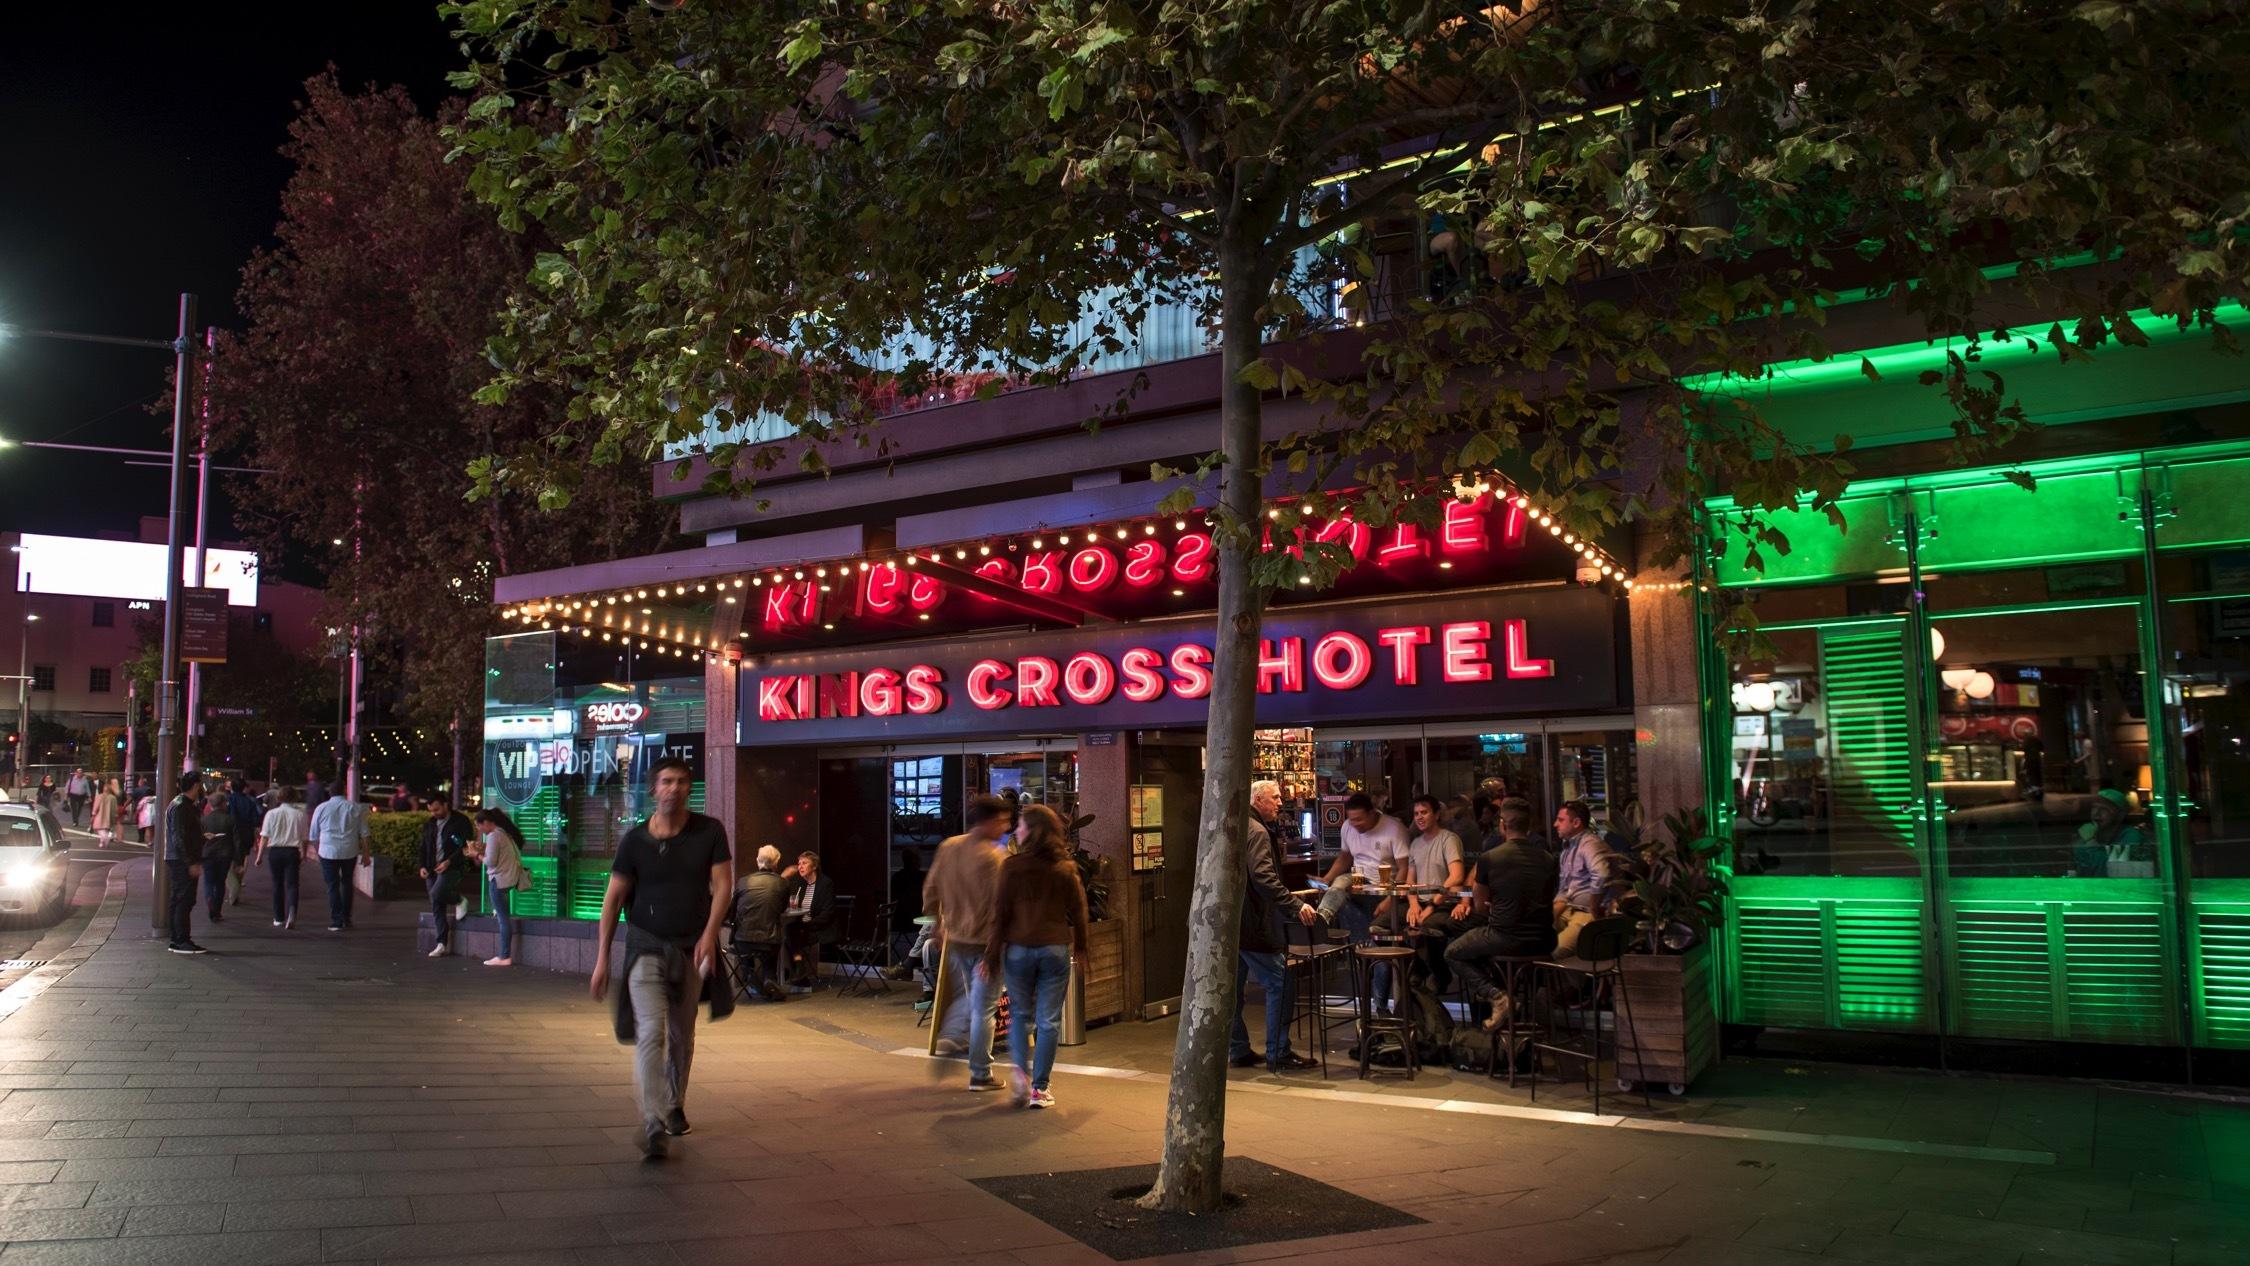 Kings Cross Hotel